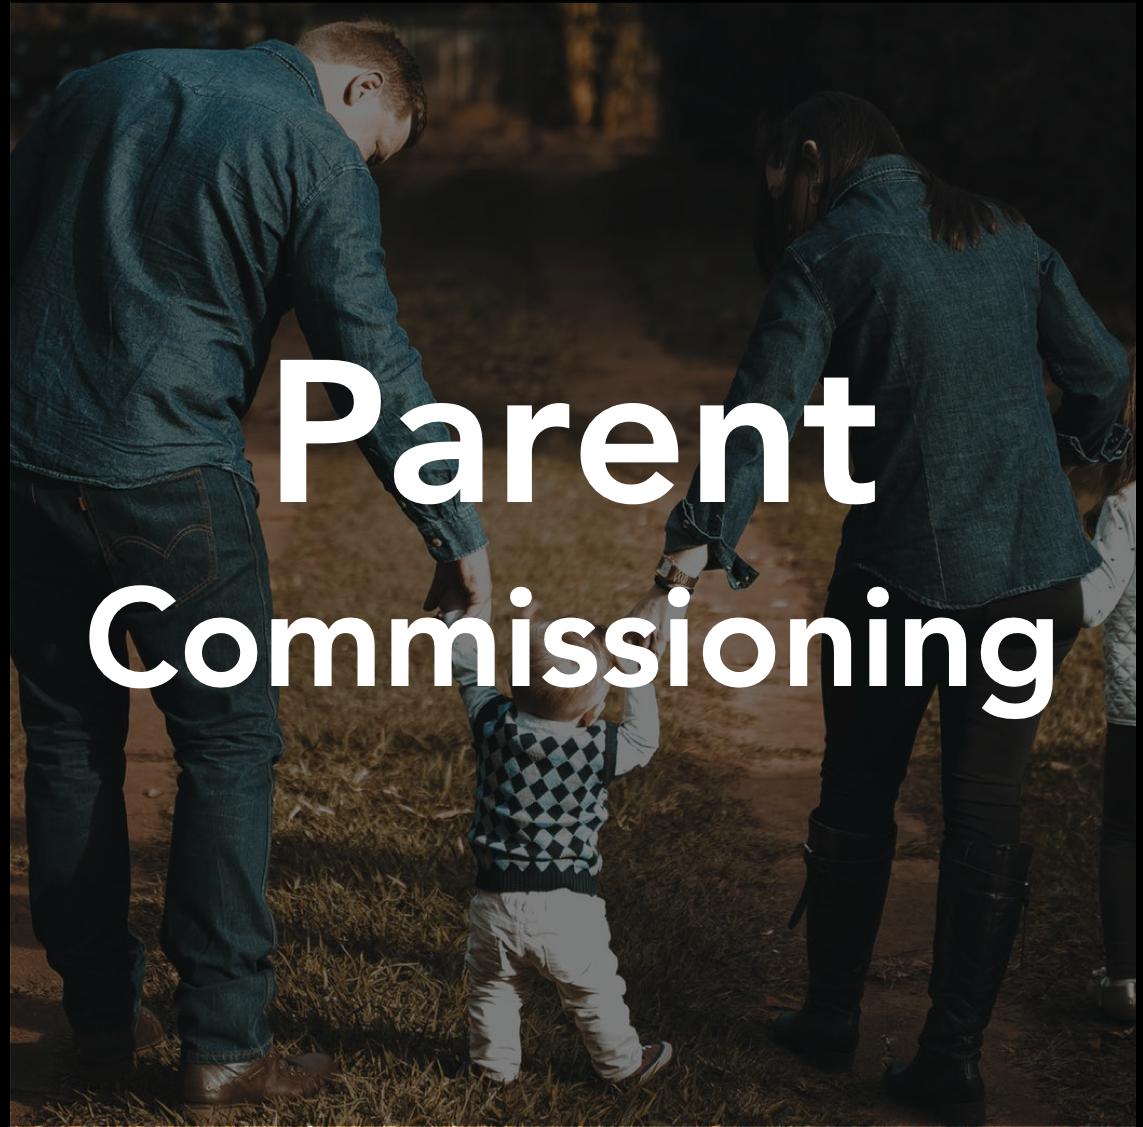 Parent Commissioning